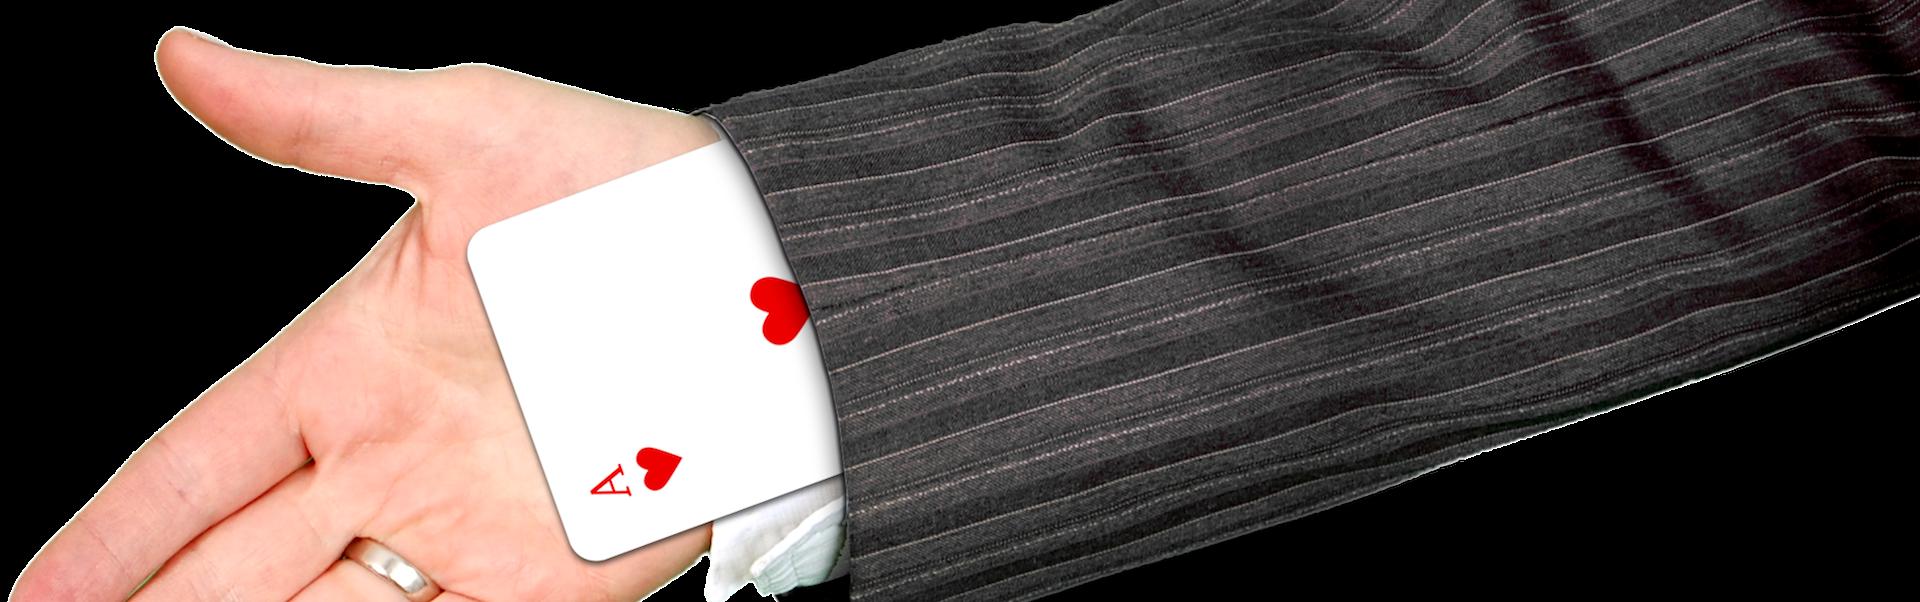 Hand 998958